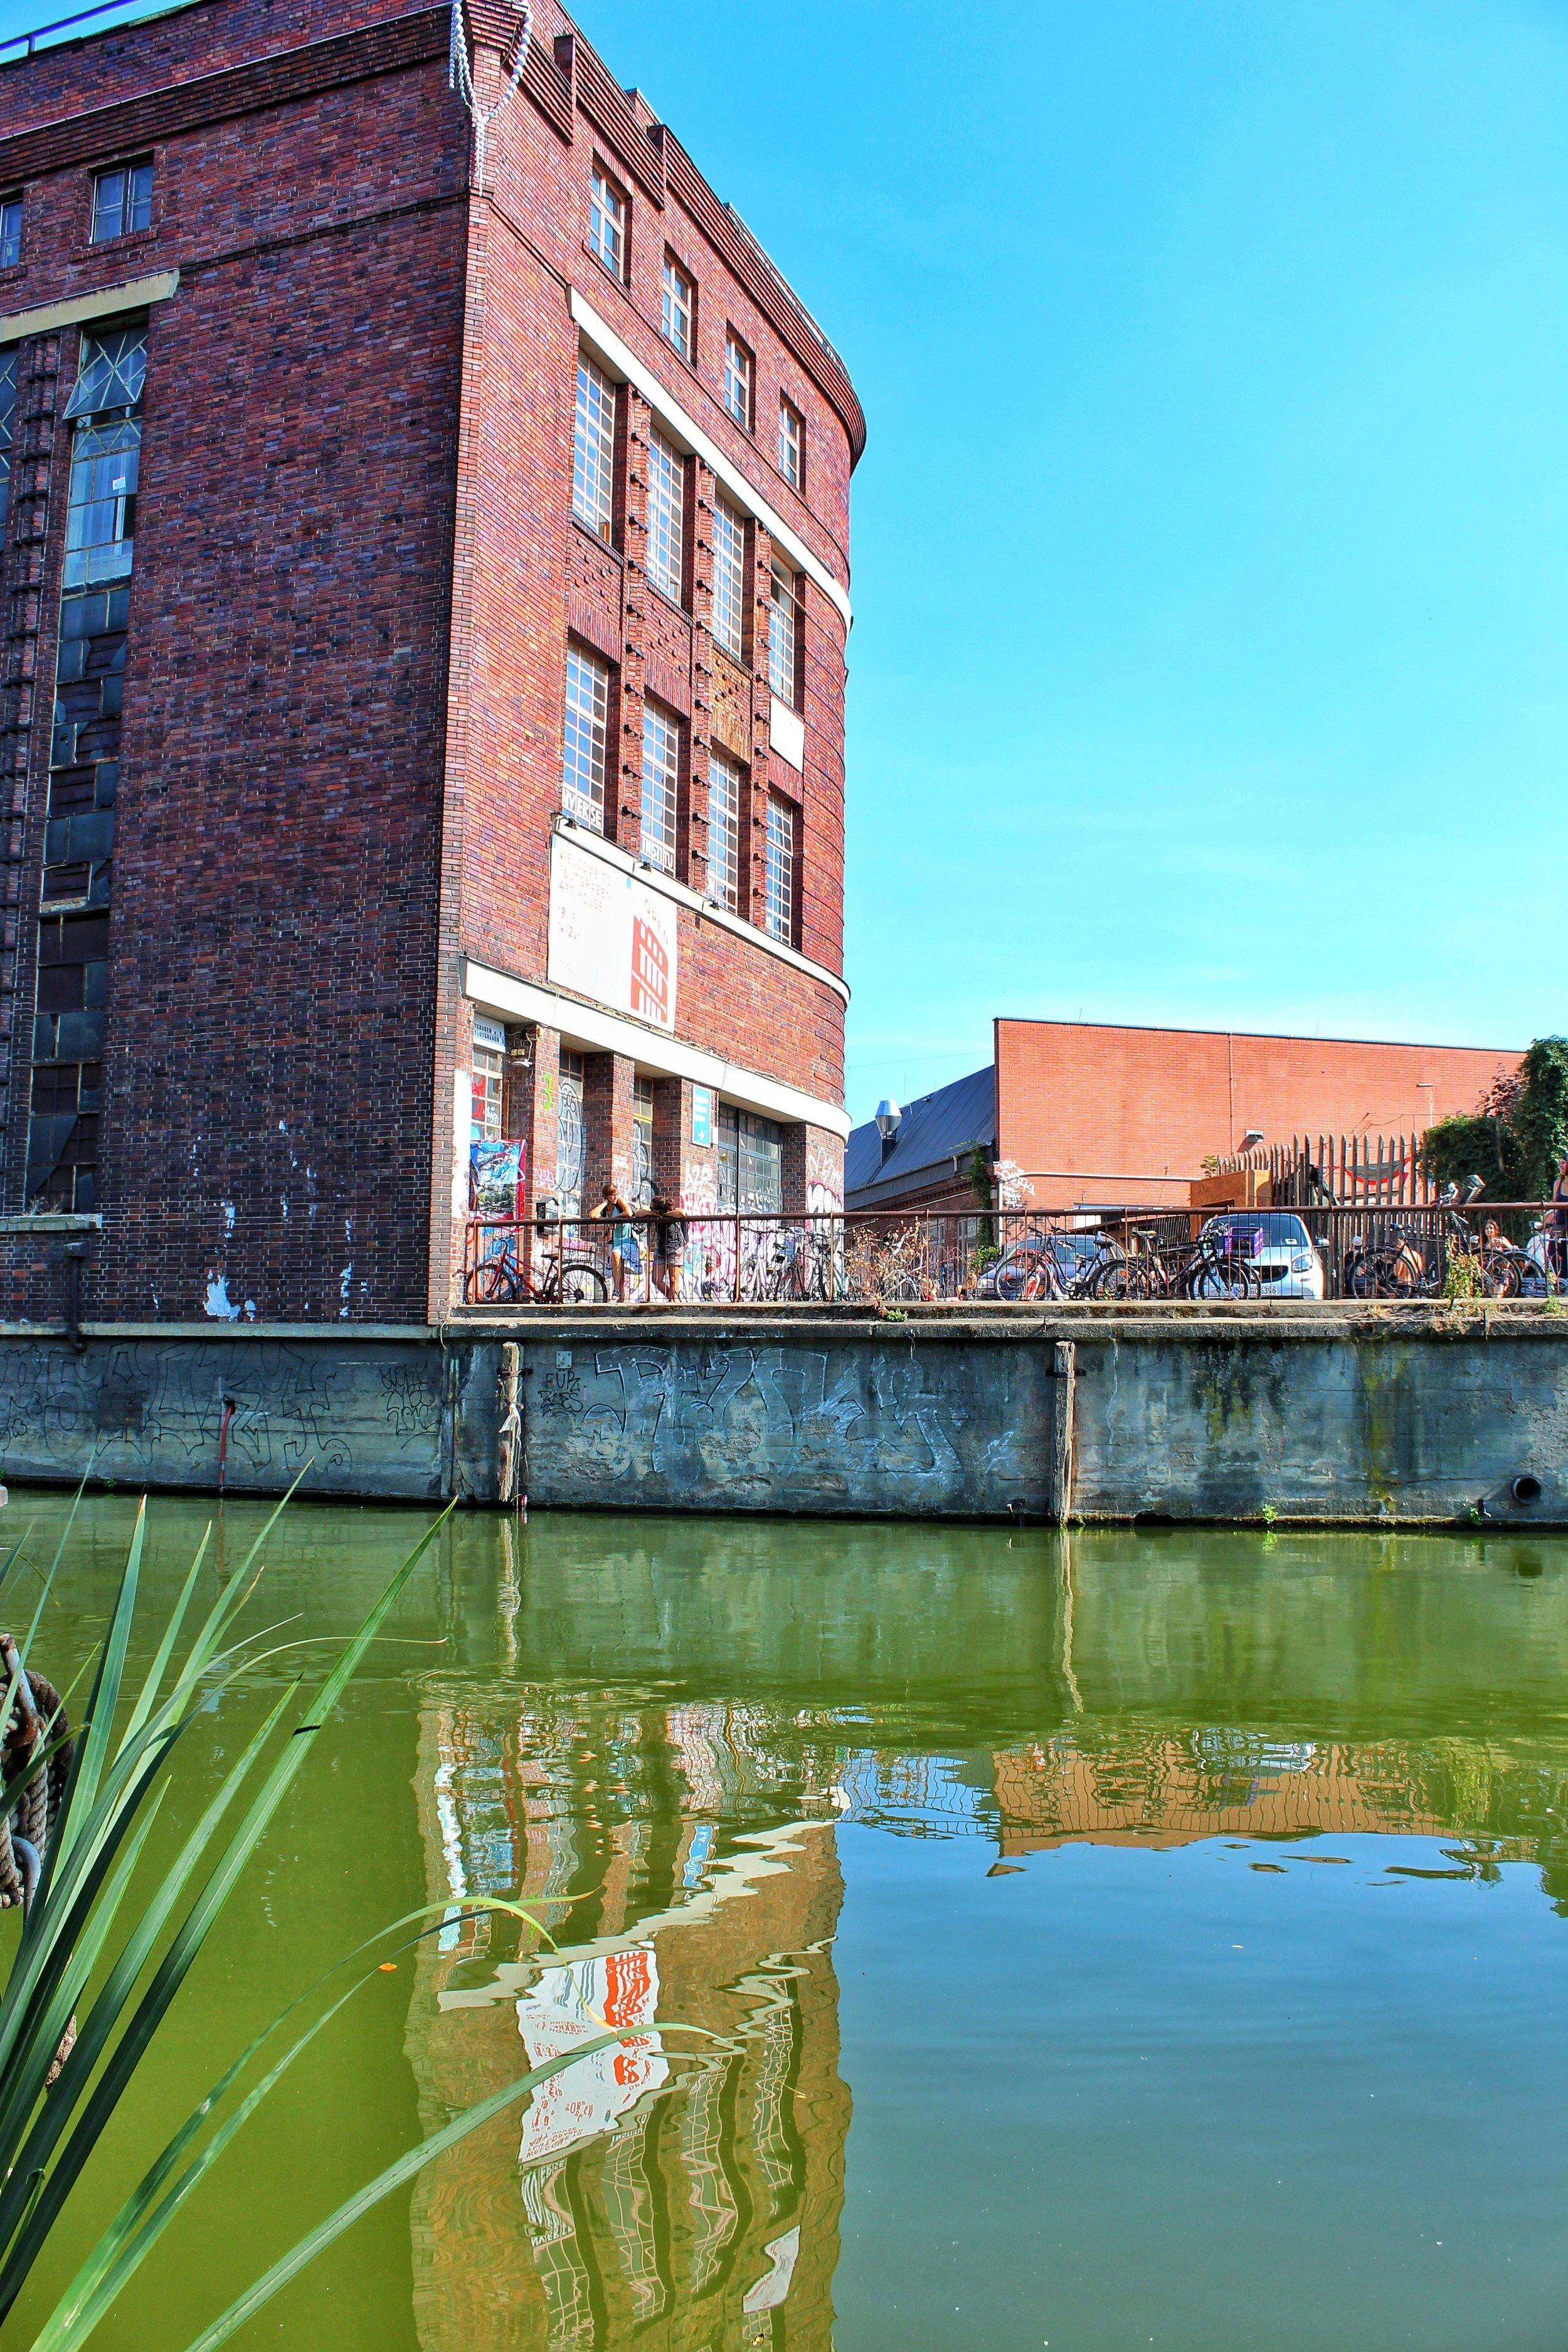 View from Freischwimmer Restaurant